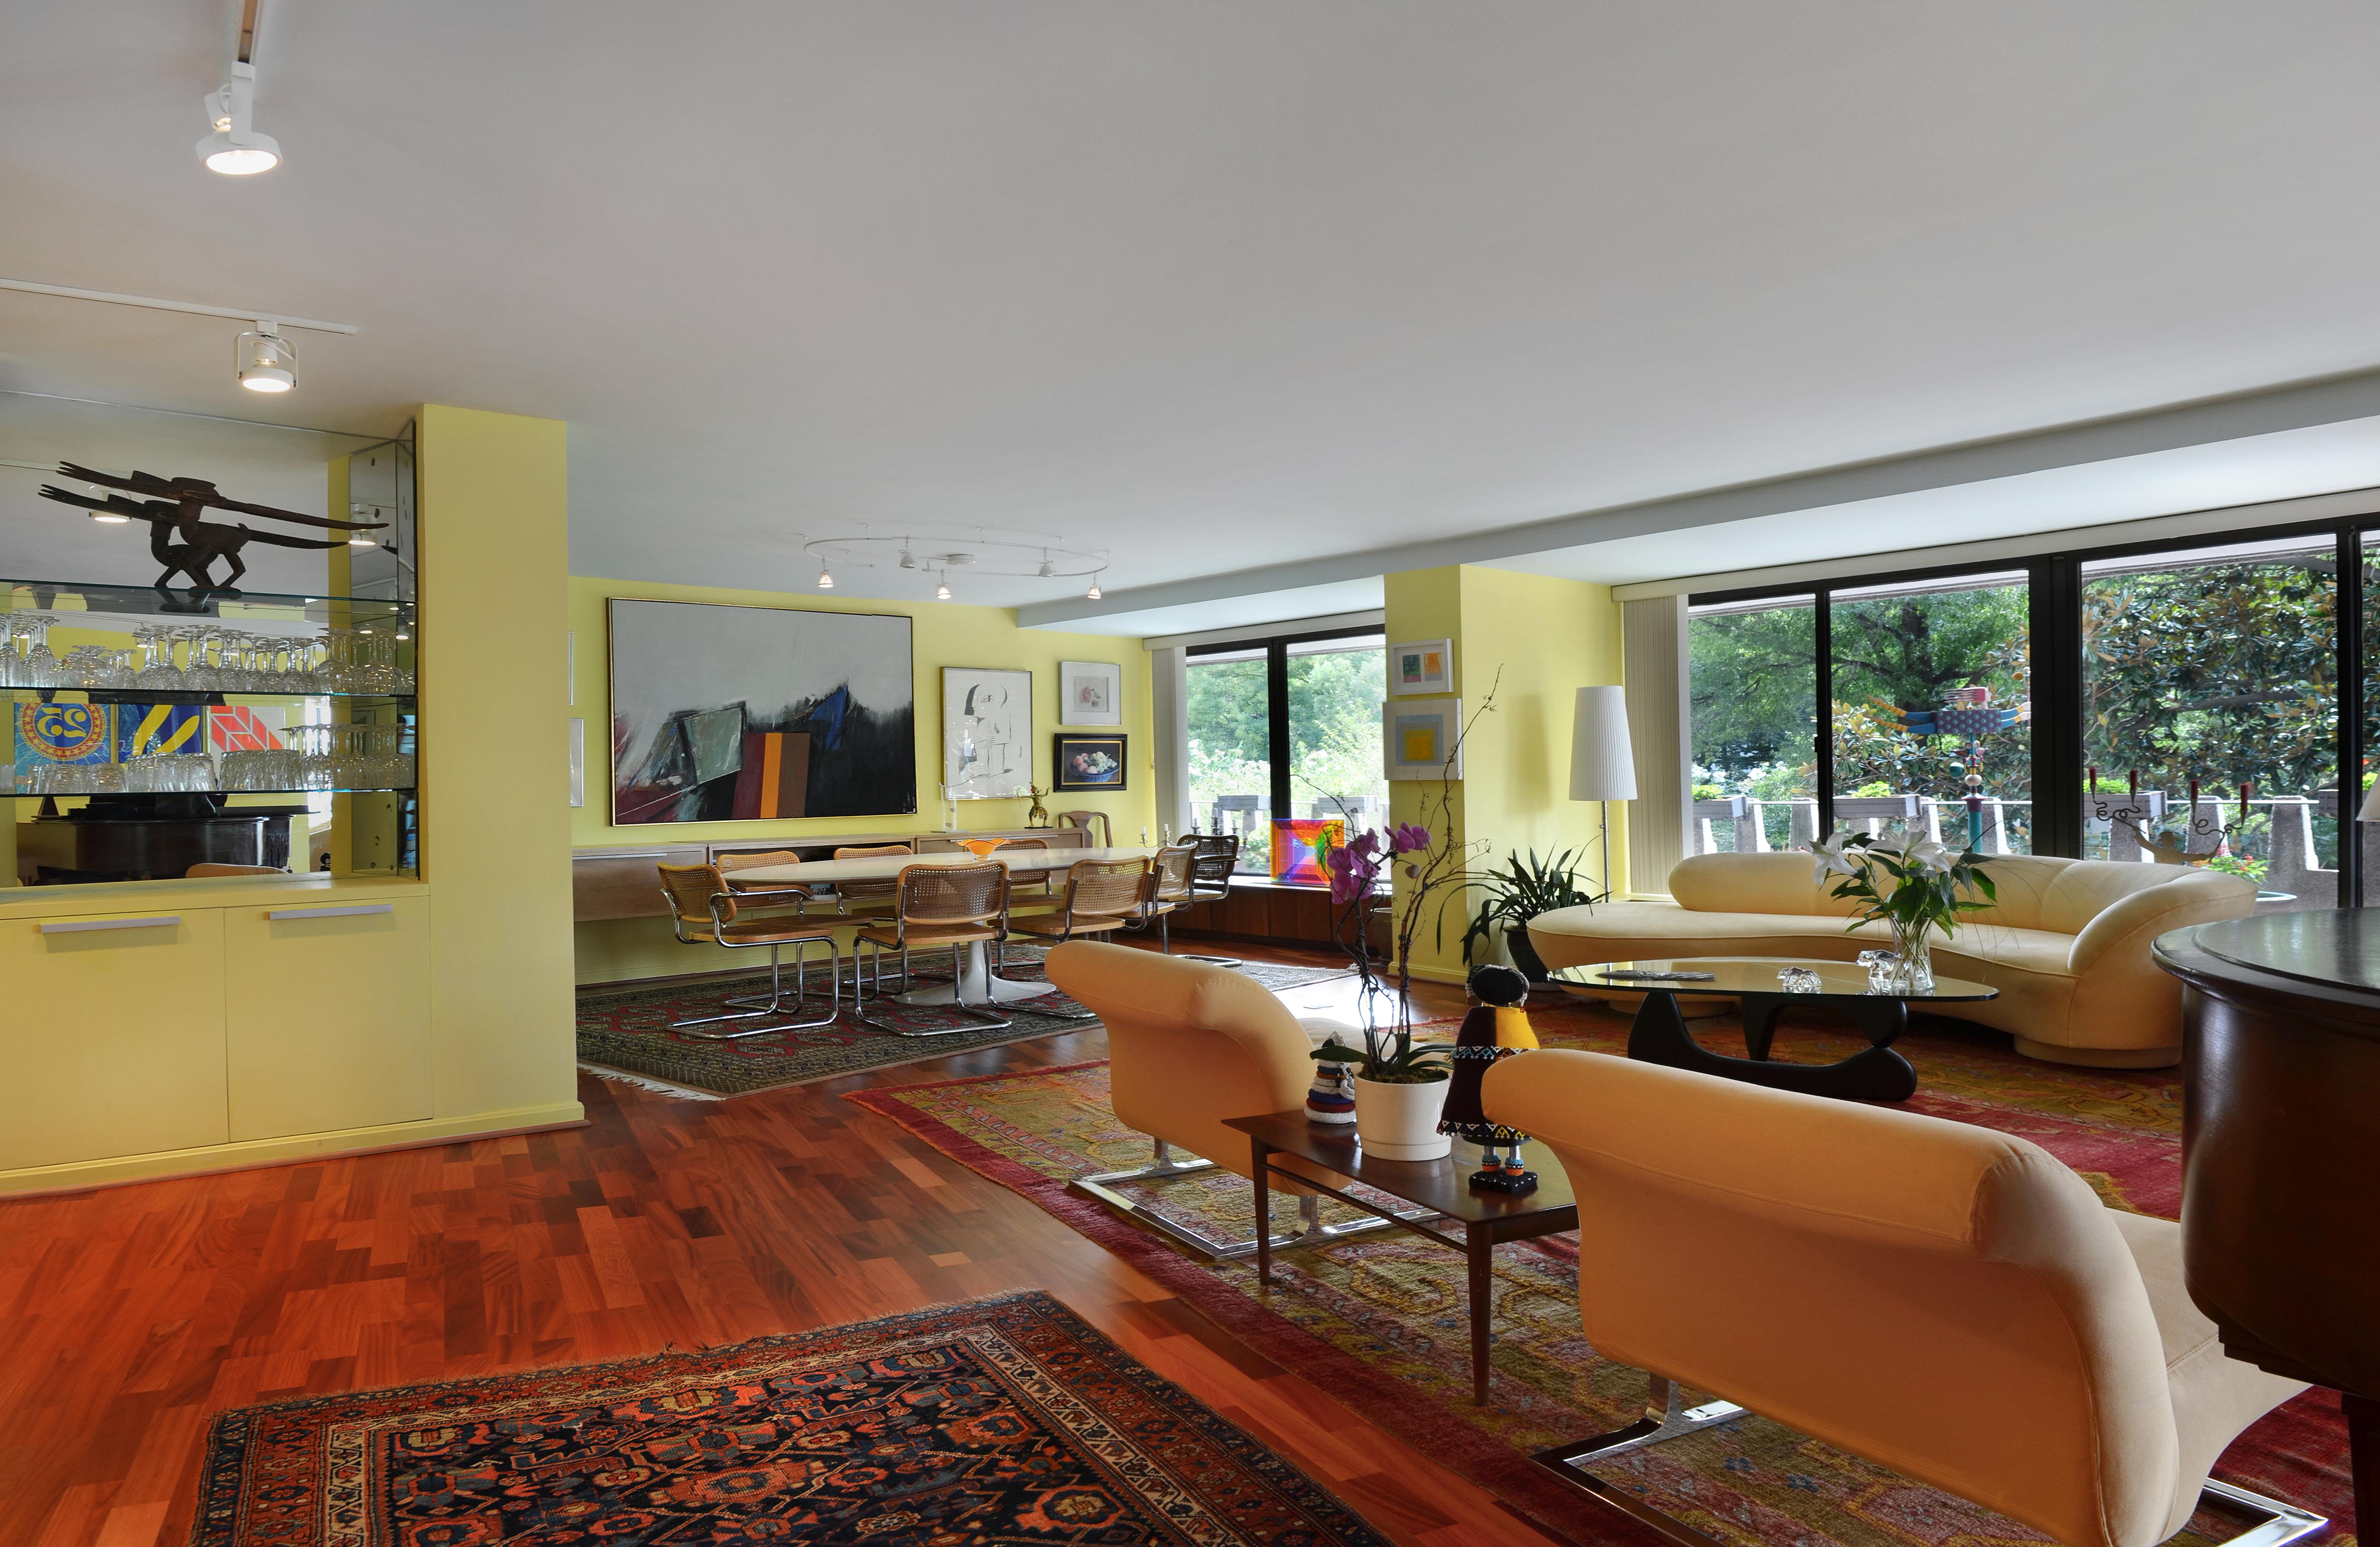 01_Living Room 2_ret.jpg